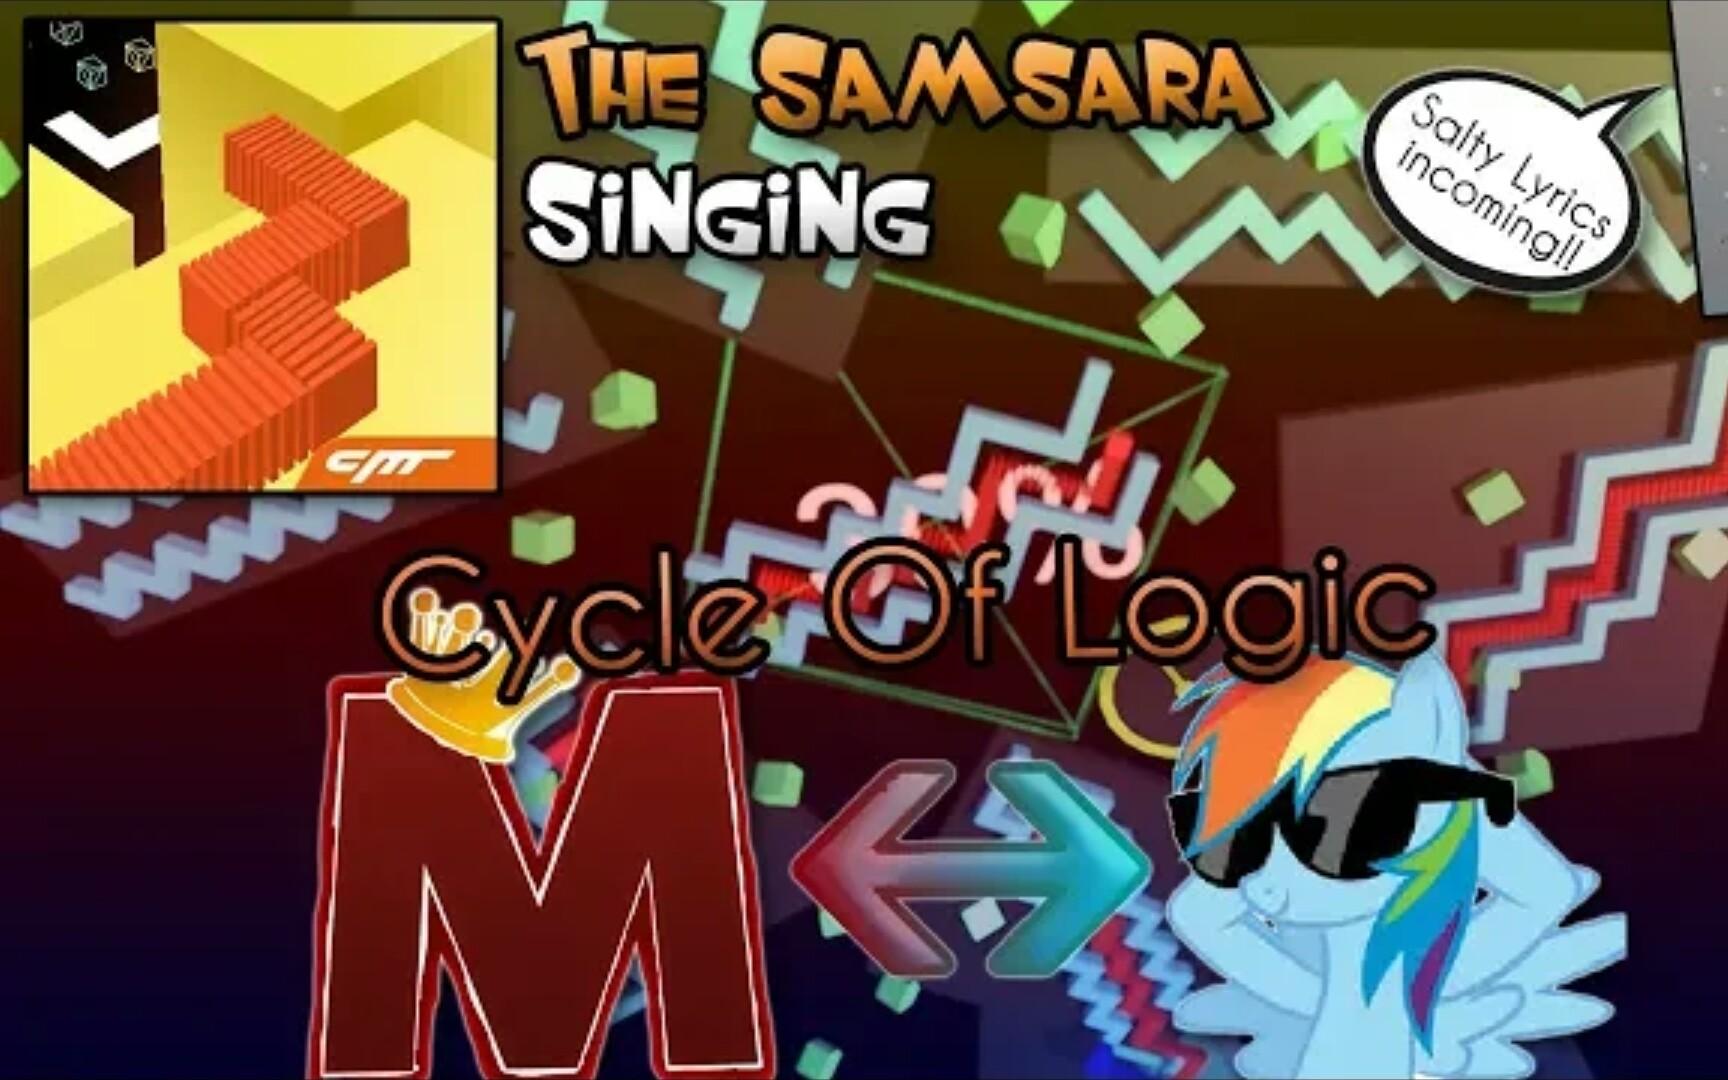 【跳舞的線/飯制關卡】The Samsara輪回英文填詞 [Royal Mike]_嗶哩嗶哩 (゜-゜)つロ 干杯~-bilibili